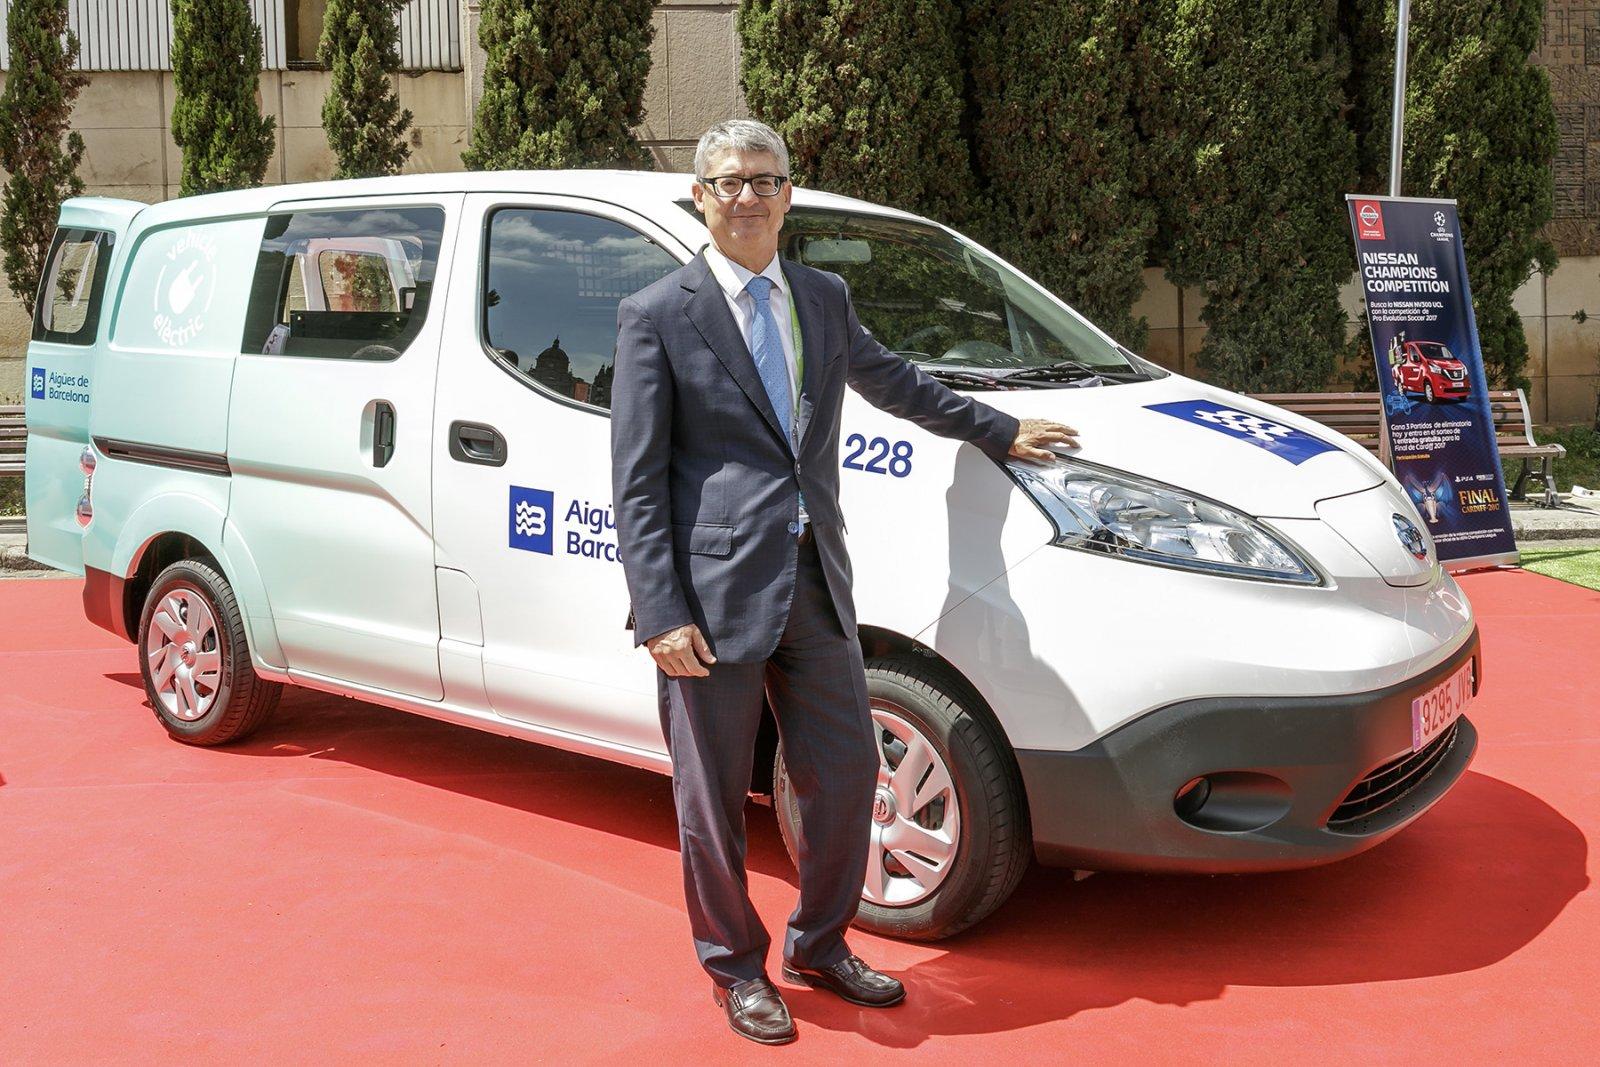 Igsasi Escudero, director General d'Aigües de Barcelona amb un dels nous vehicles elèctric de la flota de la companyia